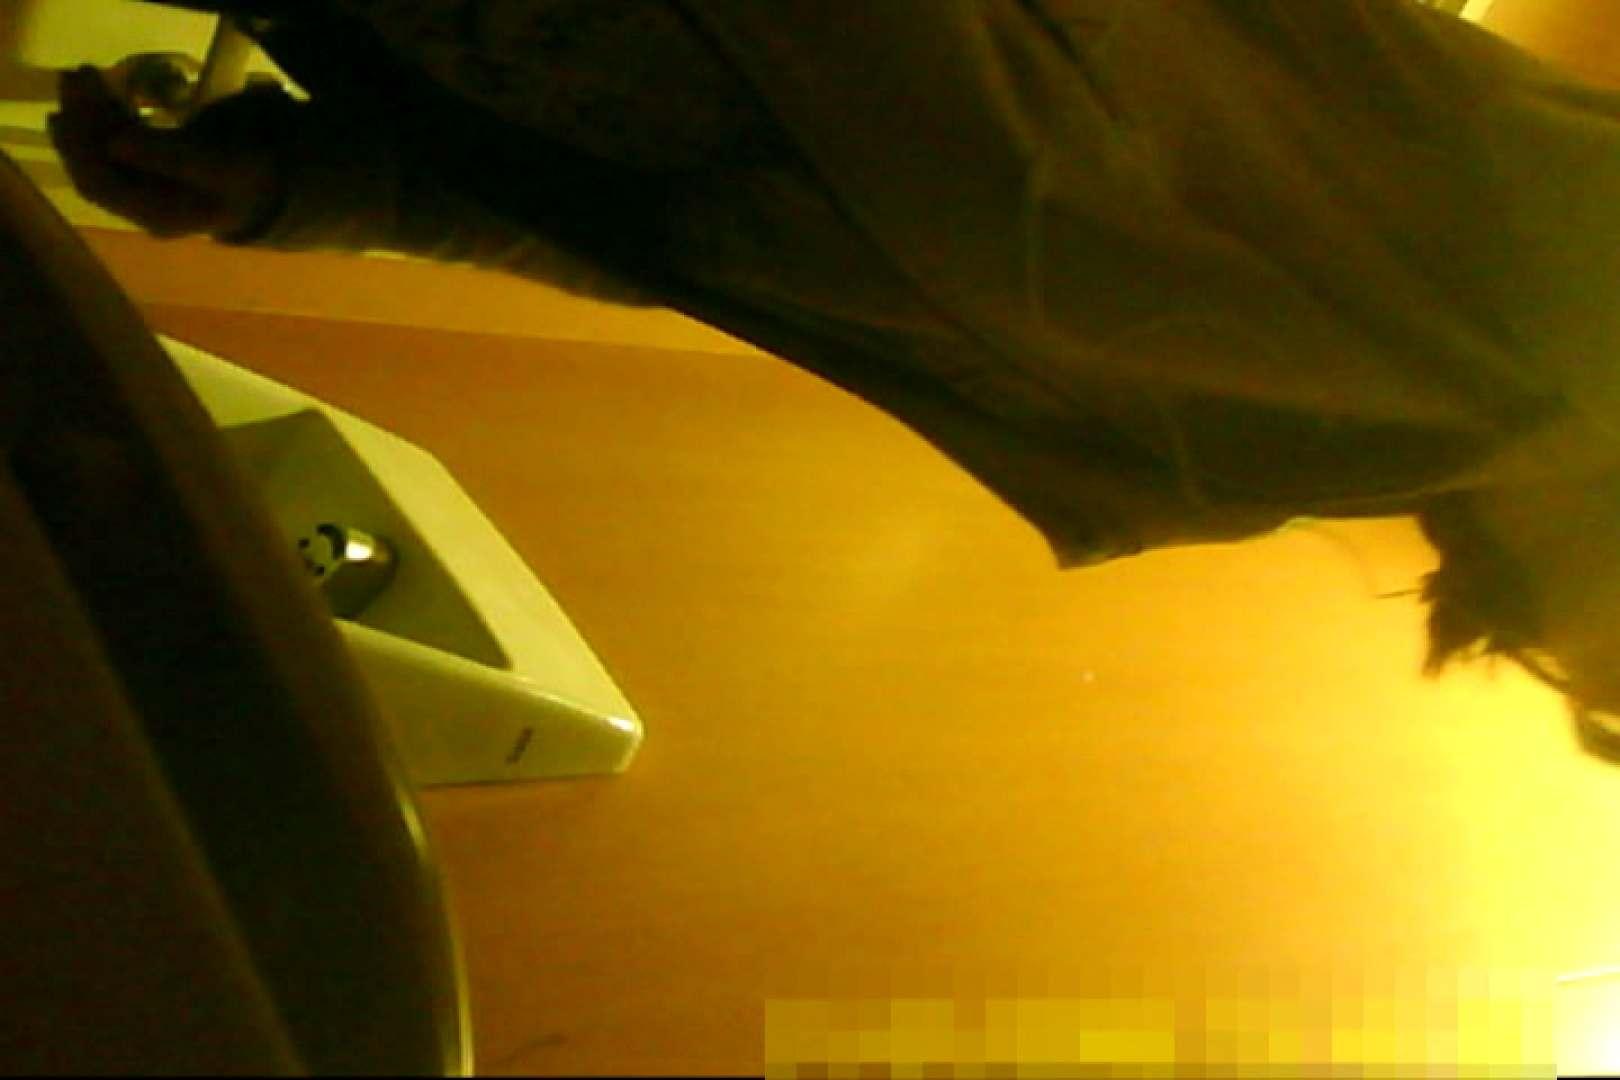 魅惑の化粧室~禁断のプライベート空間~29 プライベート | 盗撮師作品  87pic 39